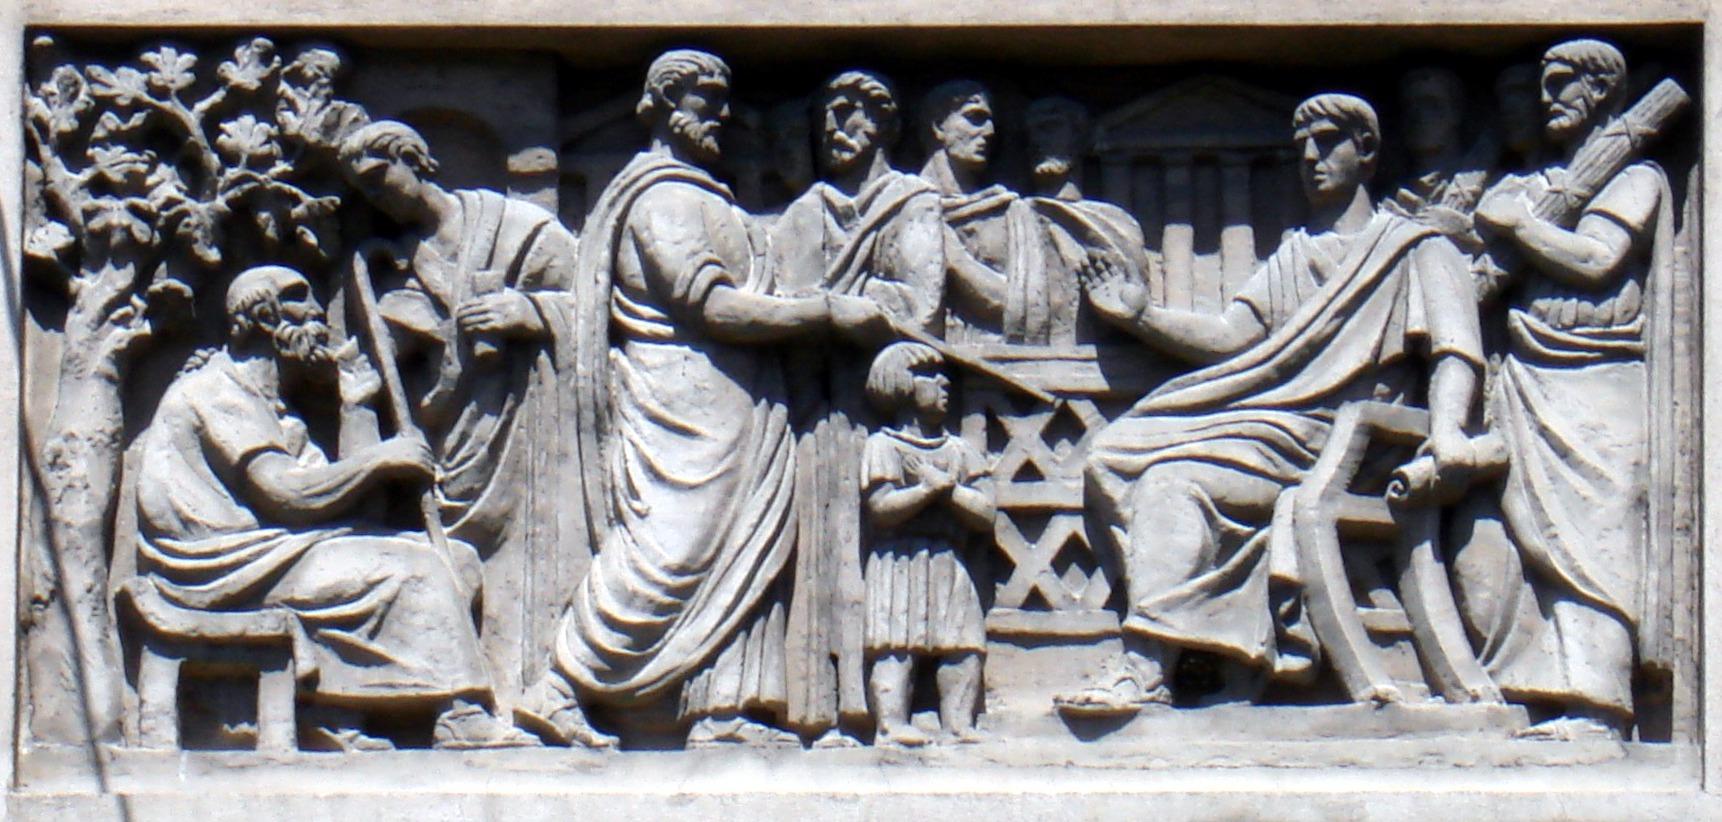 Magistratii romani eliberand un sclav